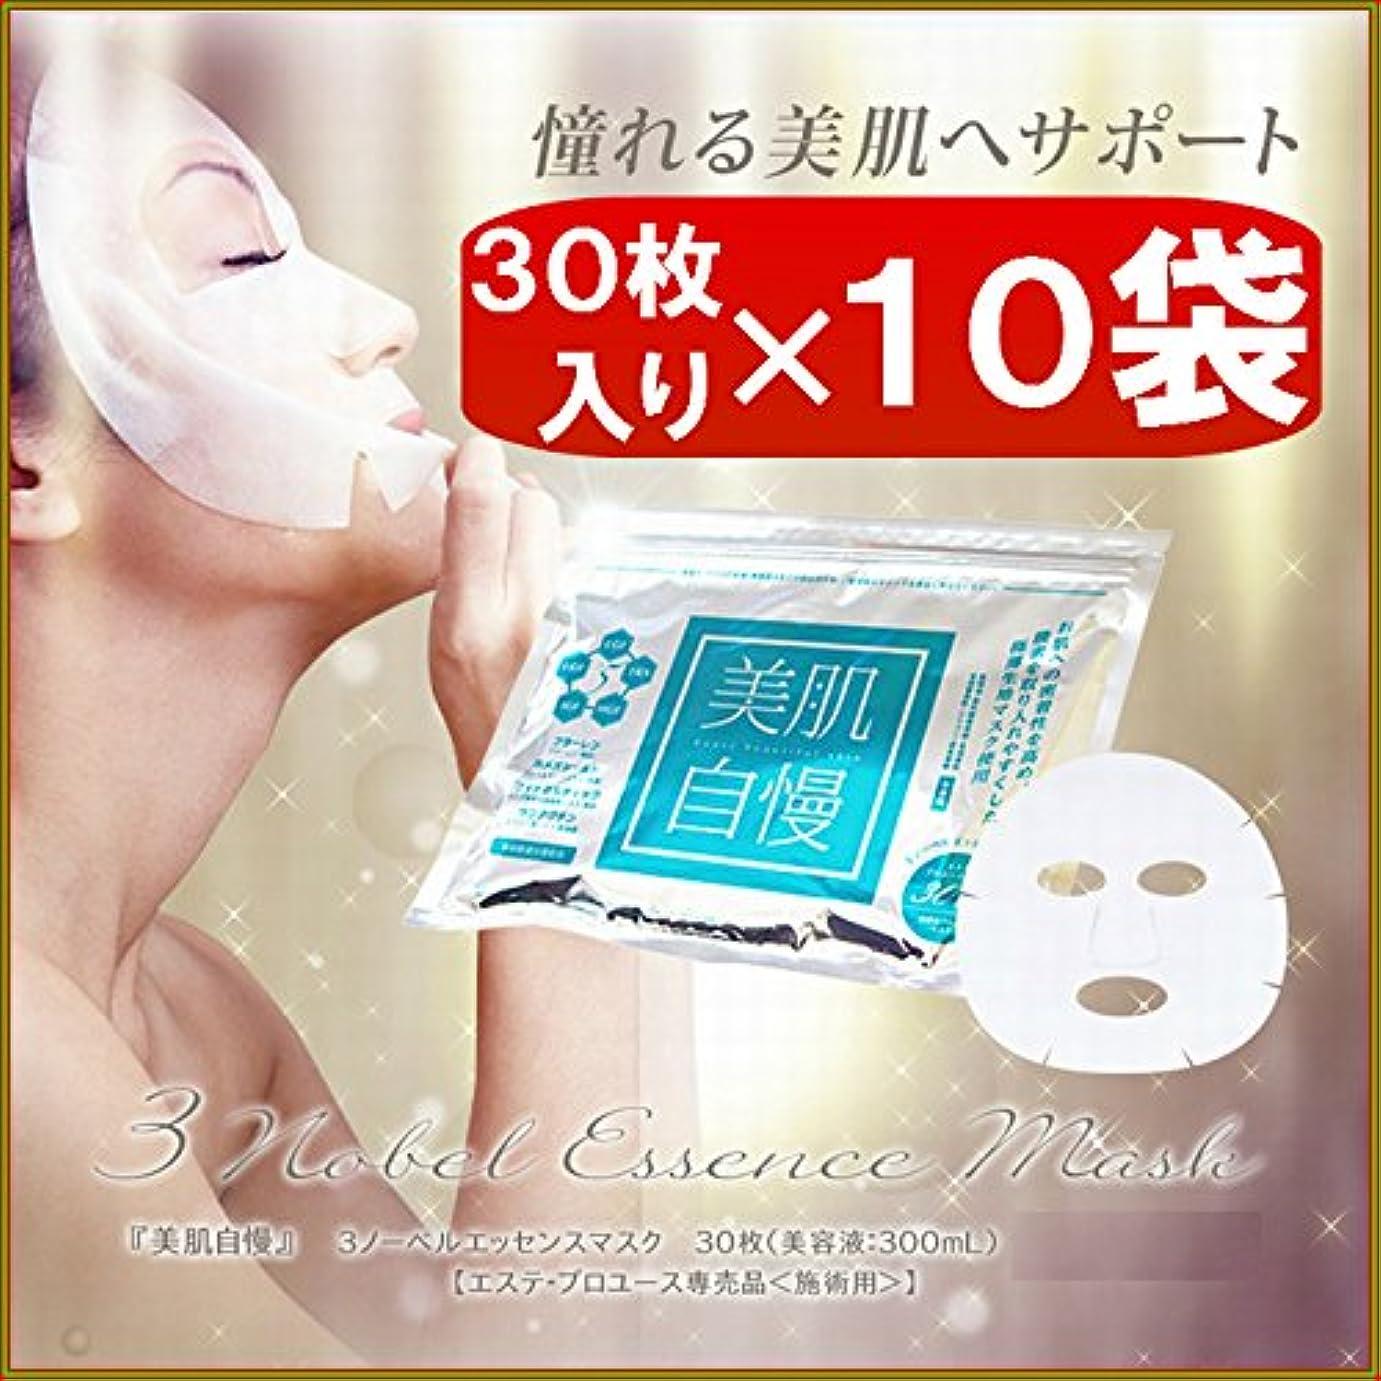 噛むエンゲージメントうがい薬美肌自慢フェイスマスク 30枚入り ×超お得10袋セット 《エッセンスマスク、EGF、IGF、ヒアルロン酸、プラセンタ、アルブチン、カタツムリエキス、しみ、しわ》